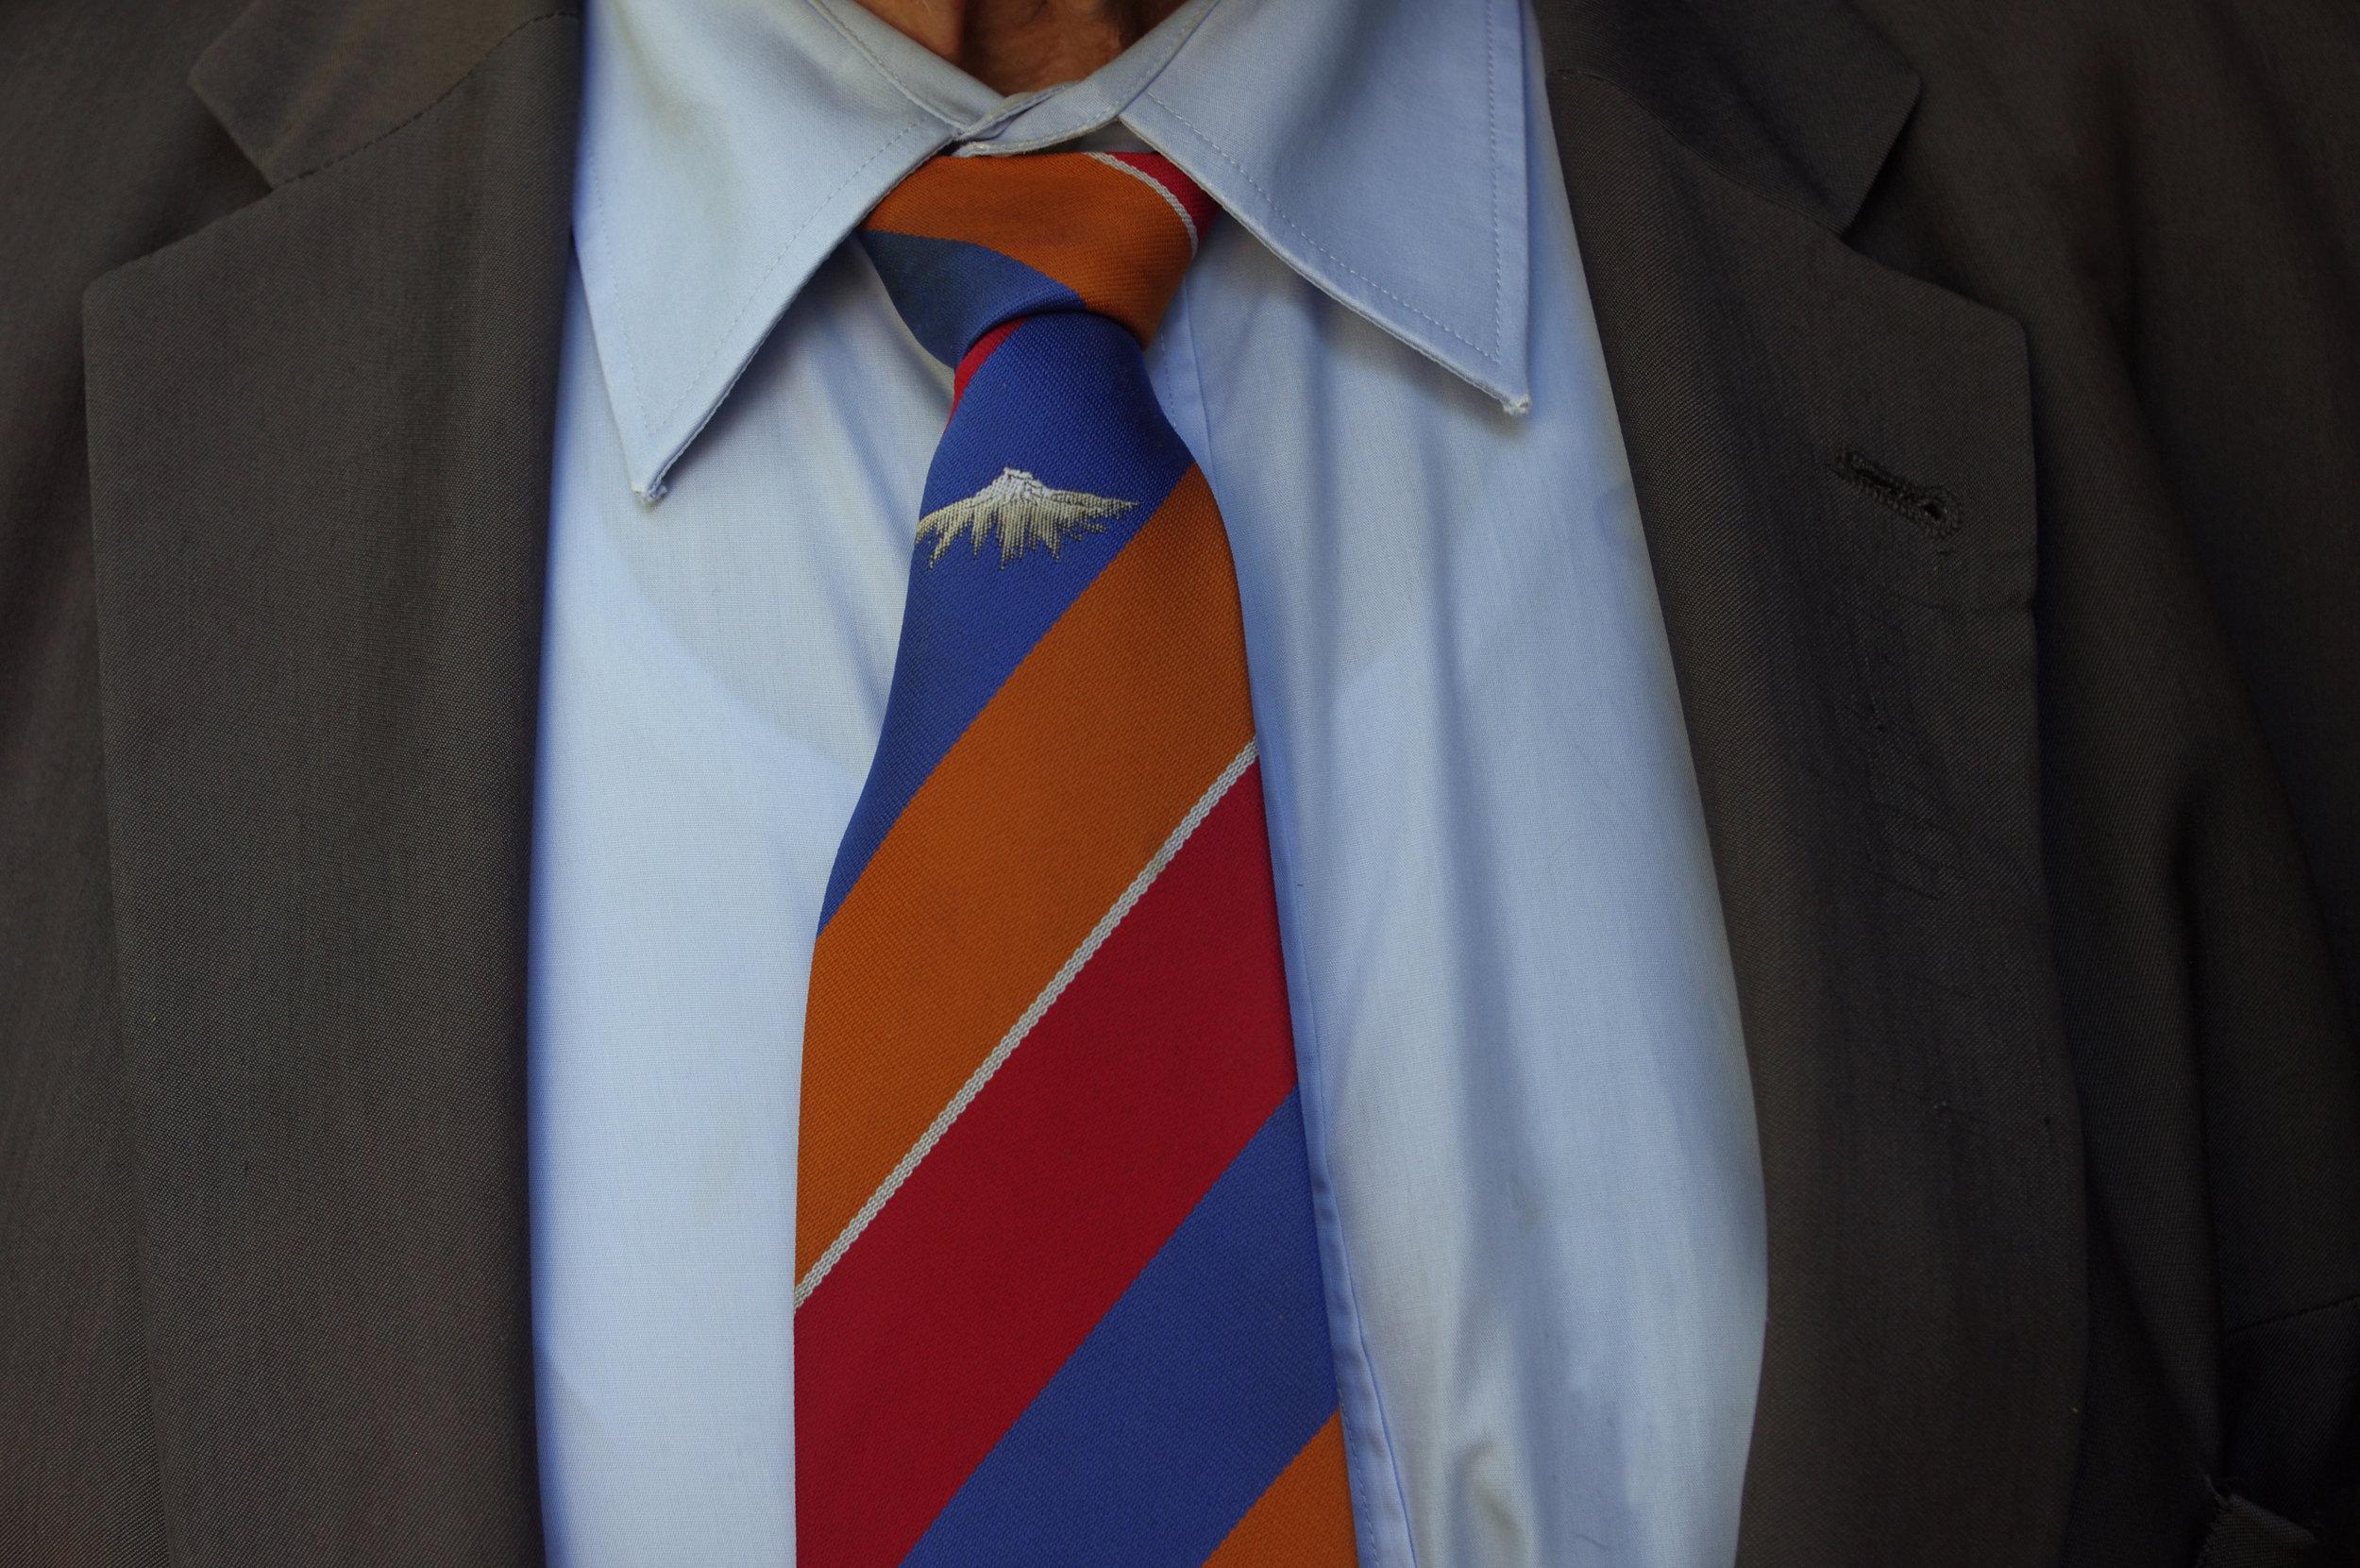 Une cravate fabriquée sur mesure par le monsieur qui la porte.